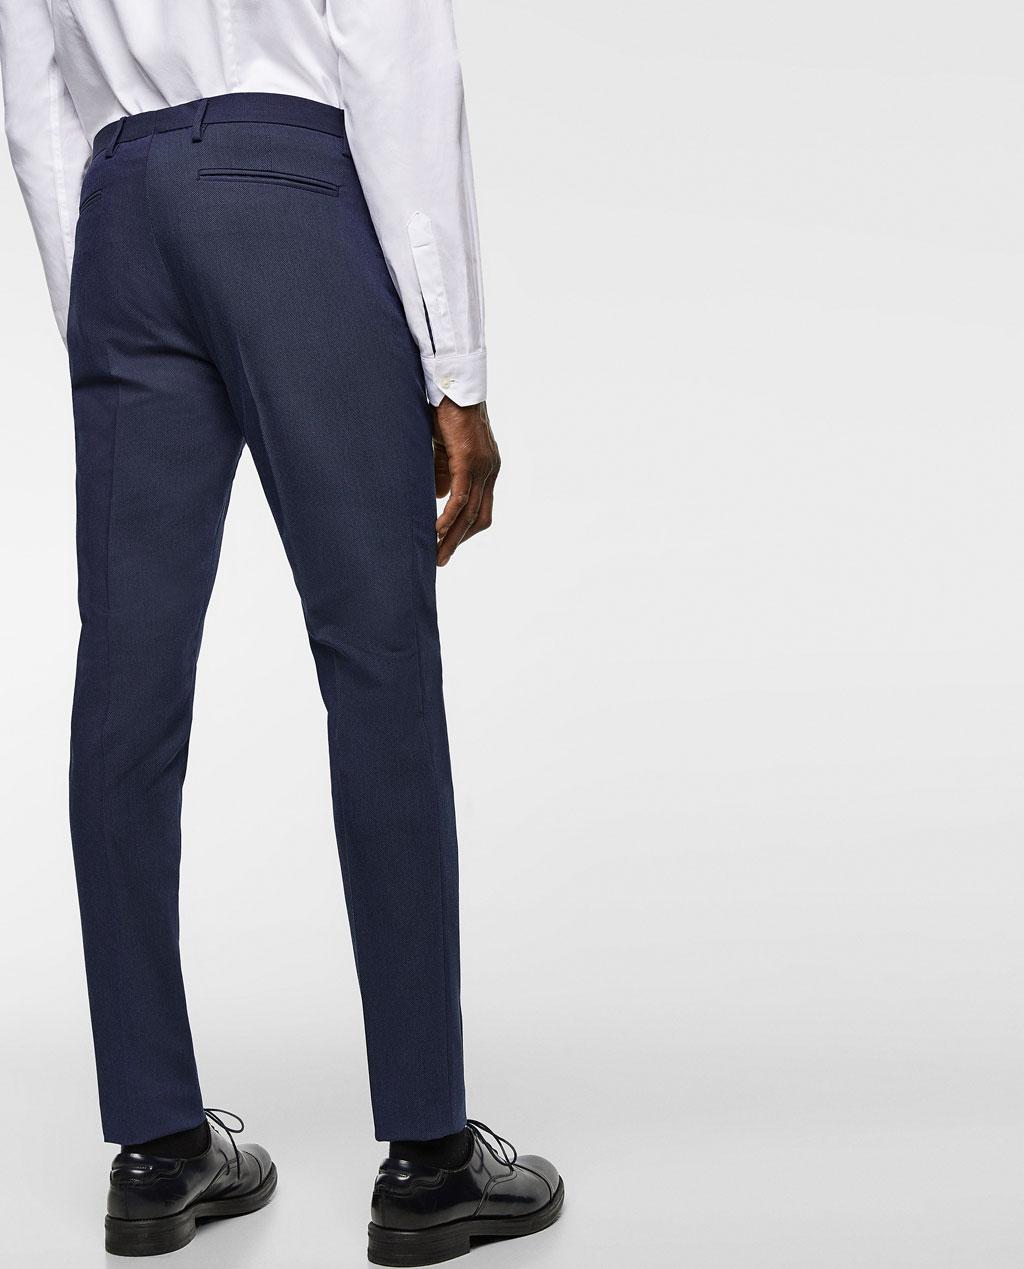 Thời trang nam Zara  24011 - ảnh 5